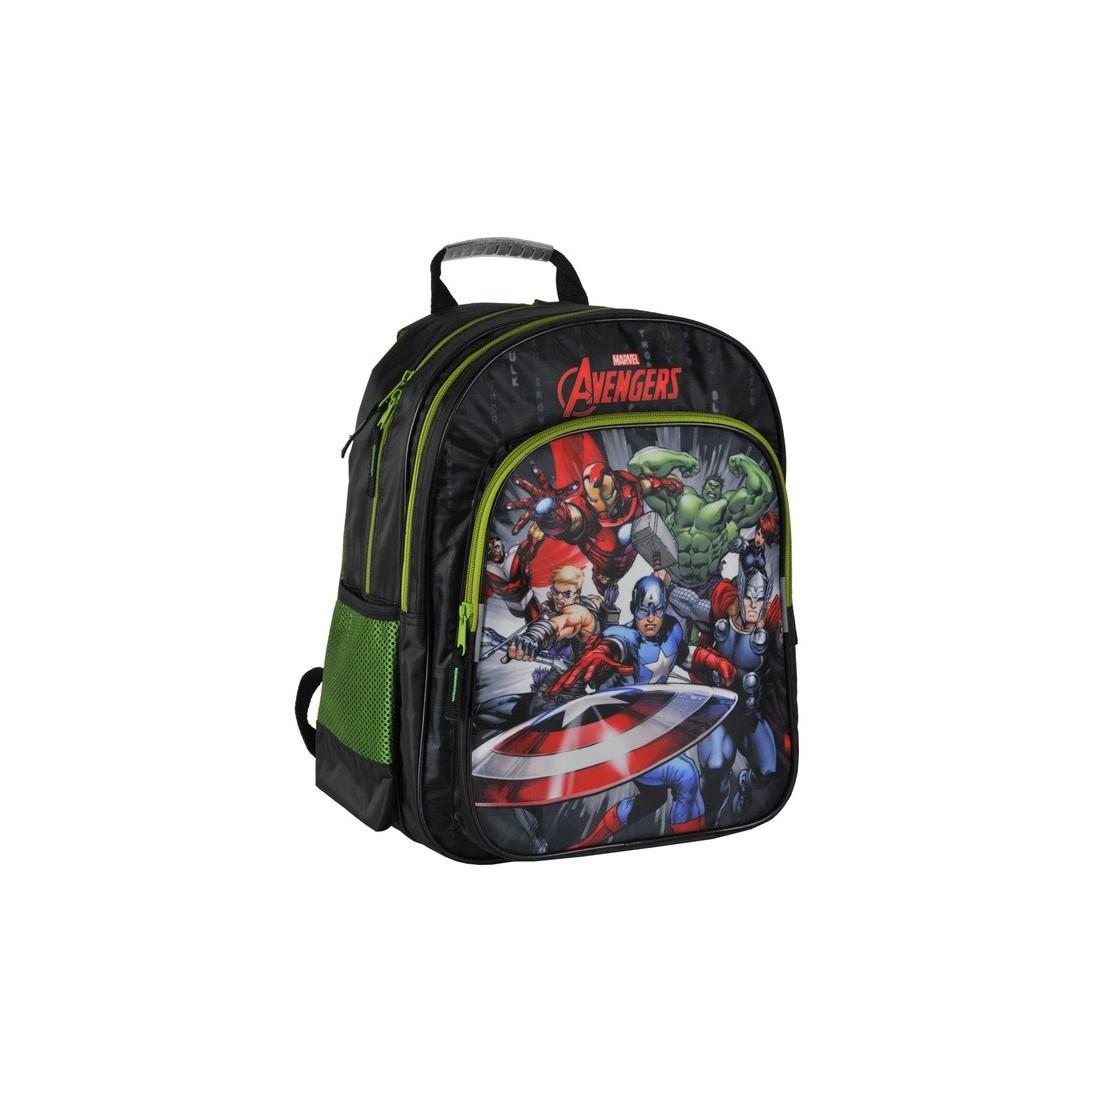 Plecak Avengers - plecak-tornister.pl